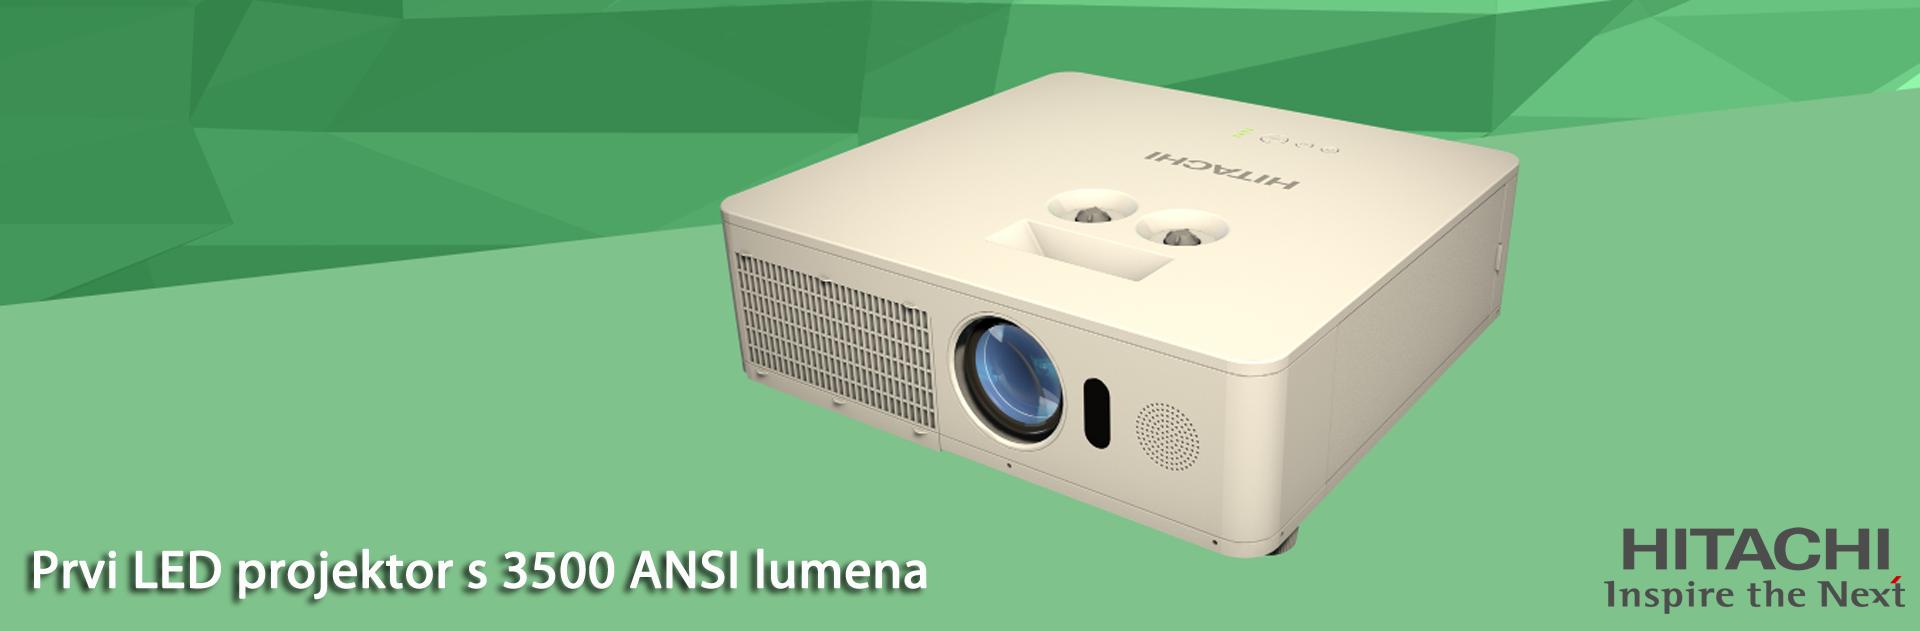 Hitachi LED projektor